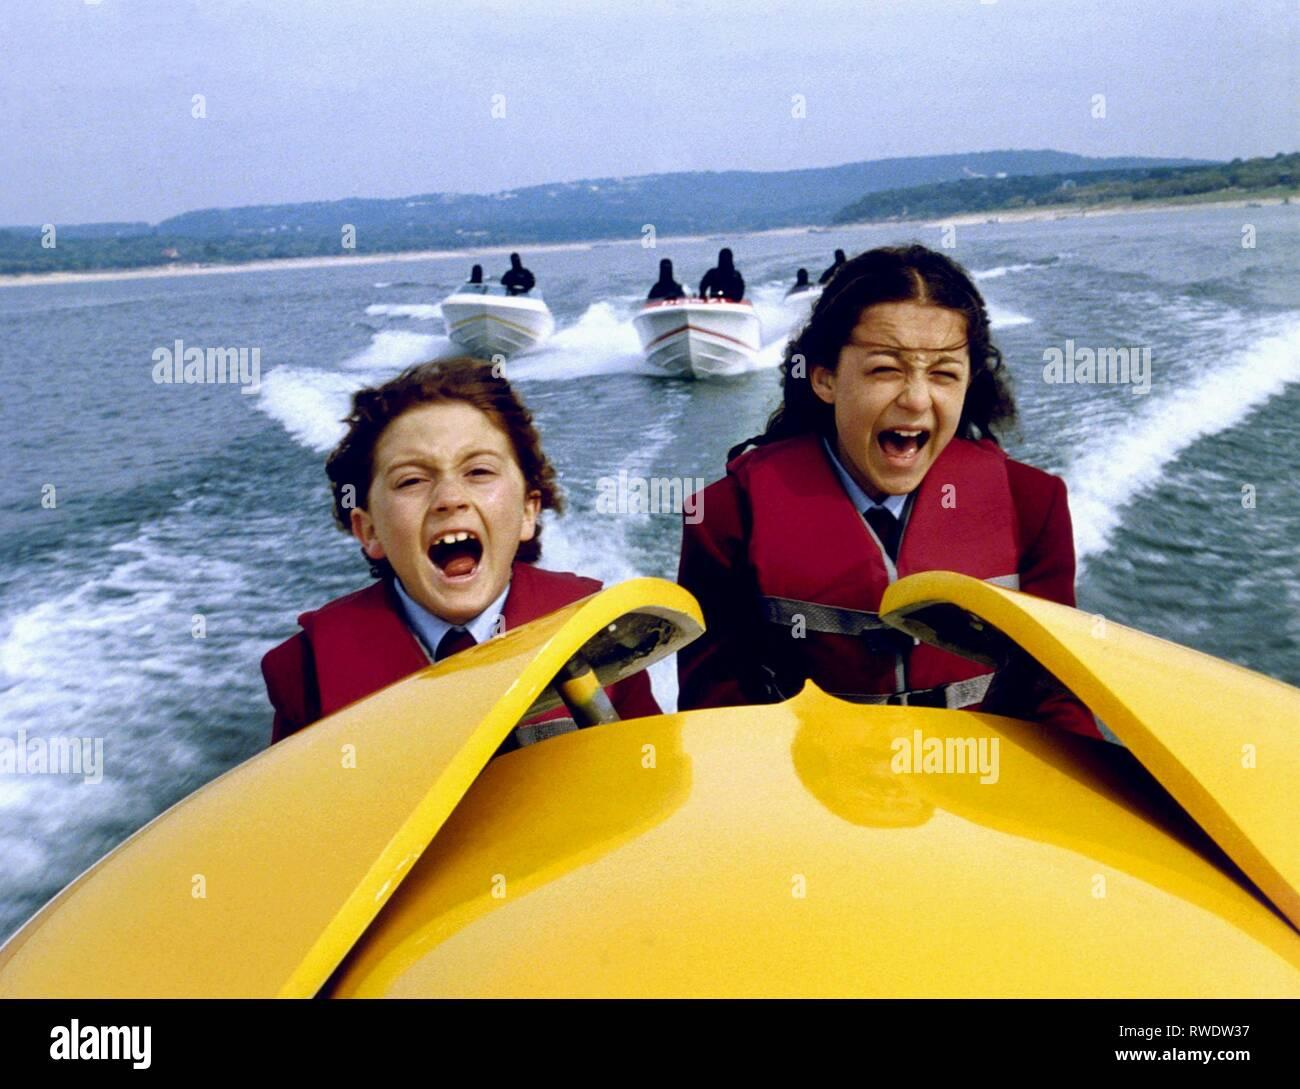 SABARA,VEGA, SPY KIDS, 2001 - Stock Image